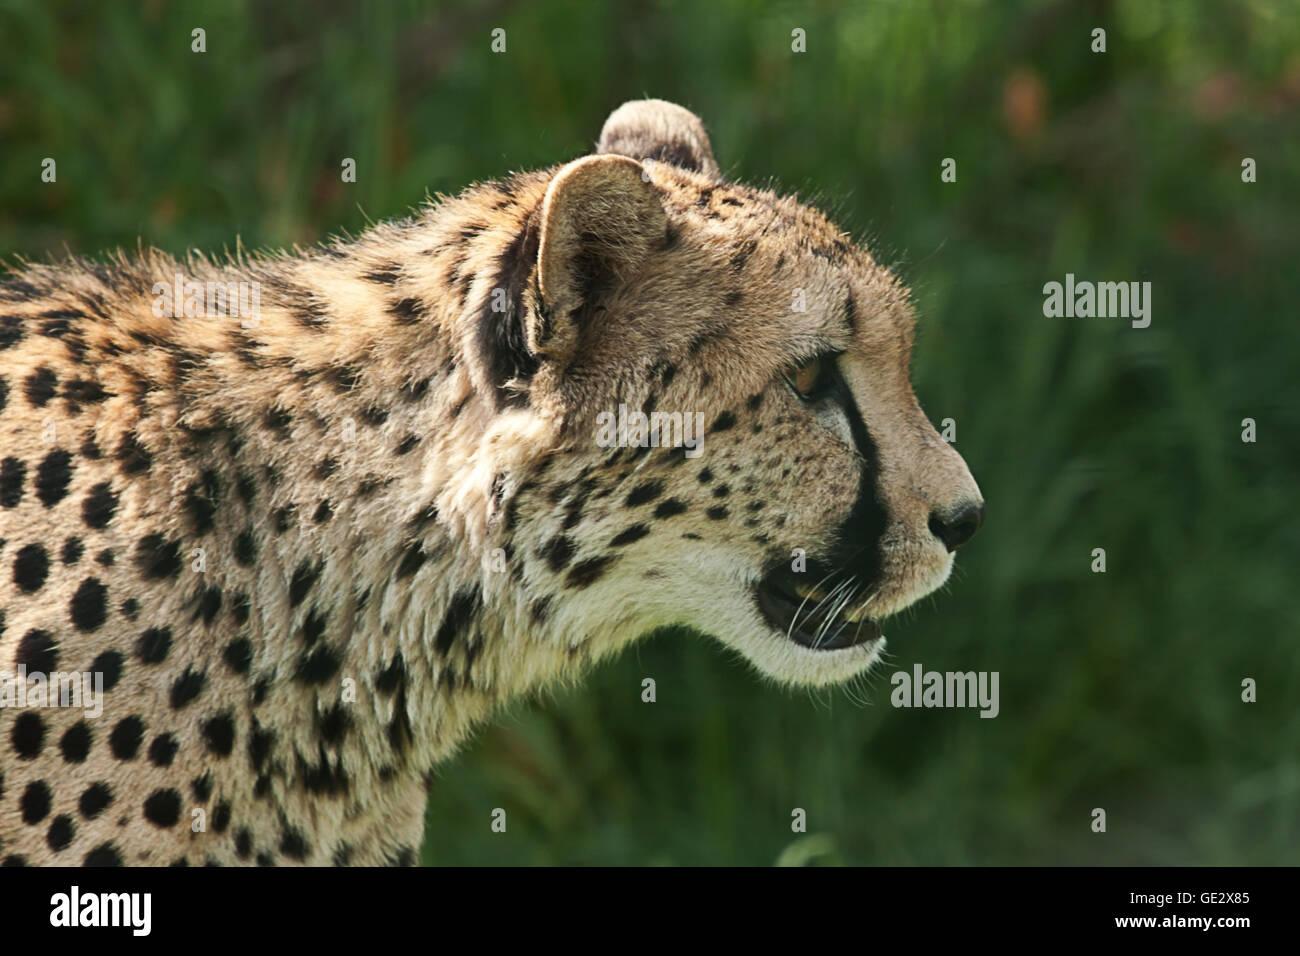 Retrato fotográfico de una alerta Cheetah Imagen De Stock